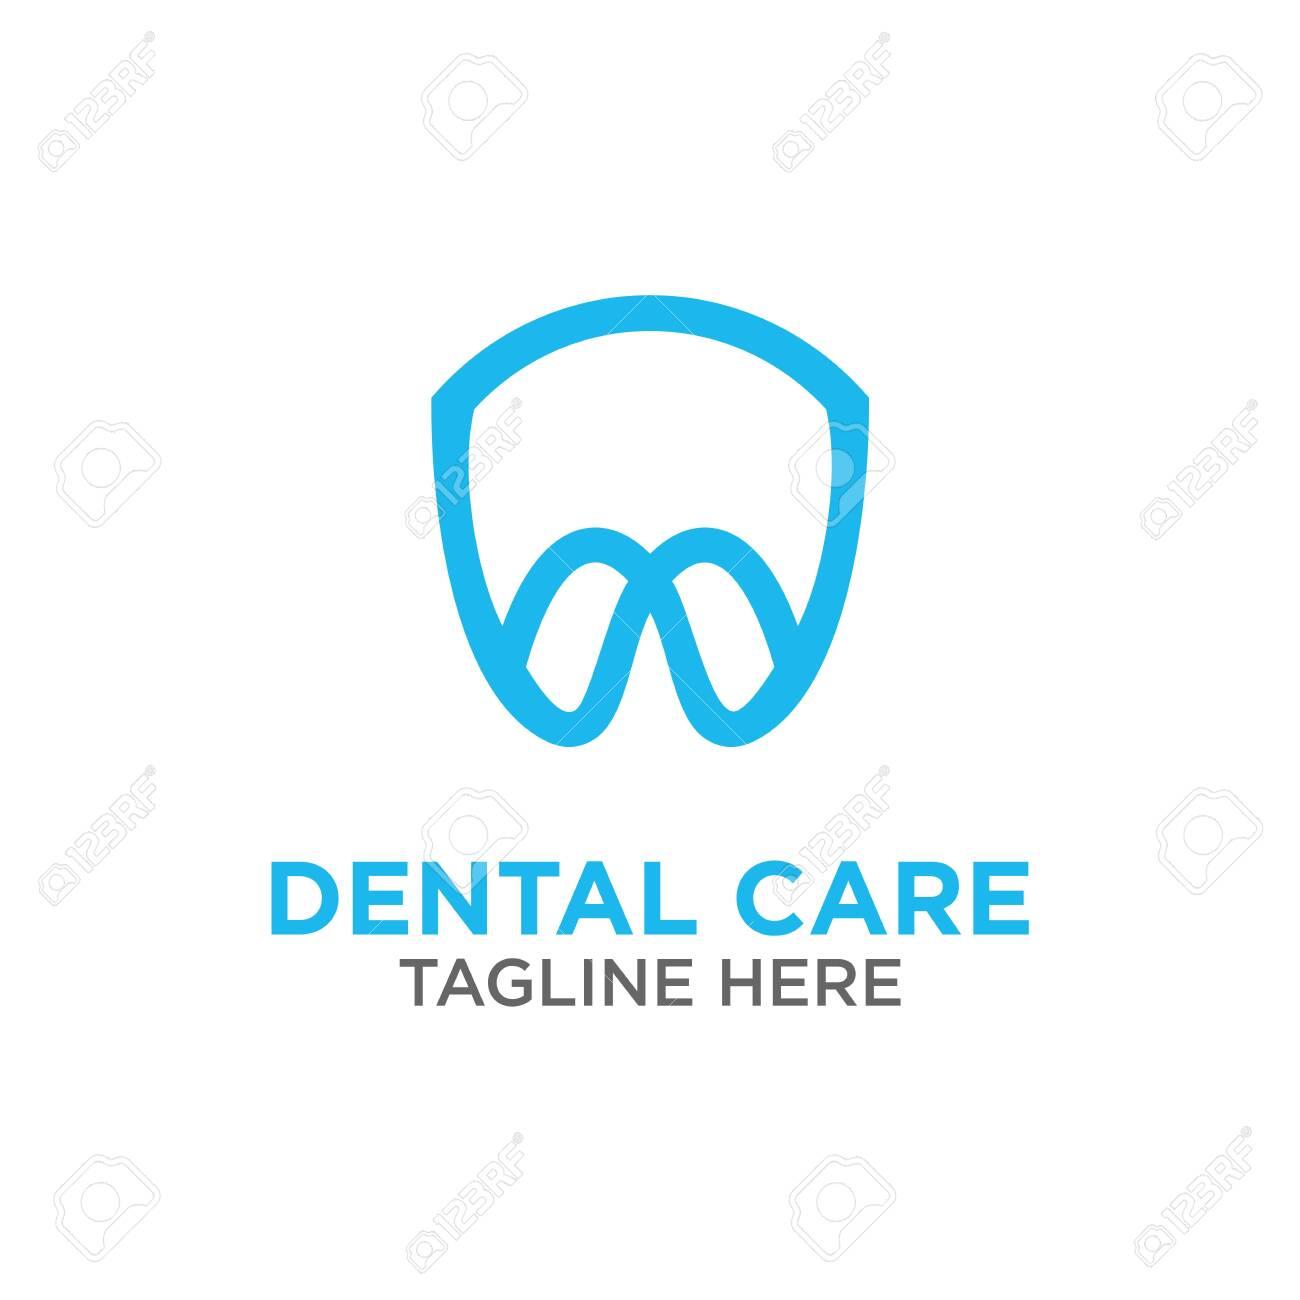 modern Creative dental care clean blue teeth logo vector - 140816776